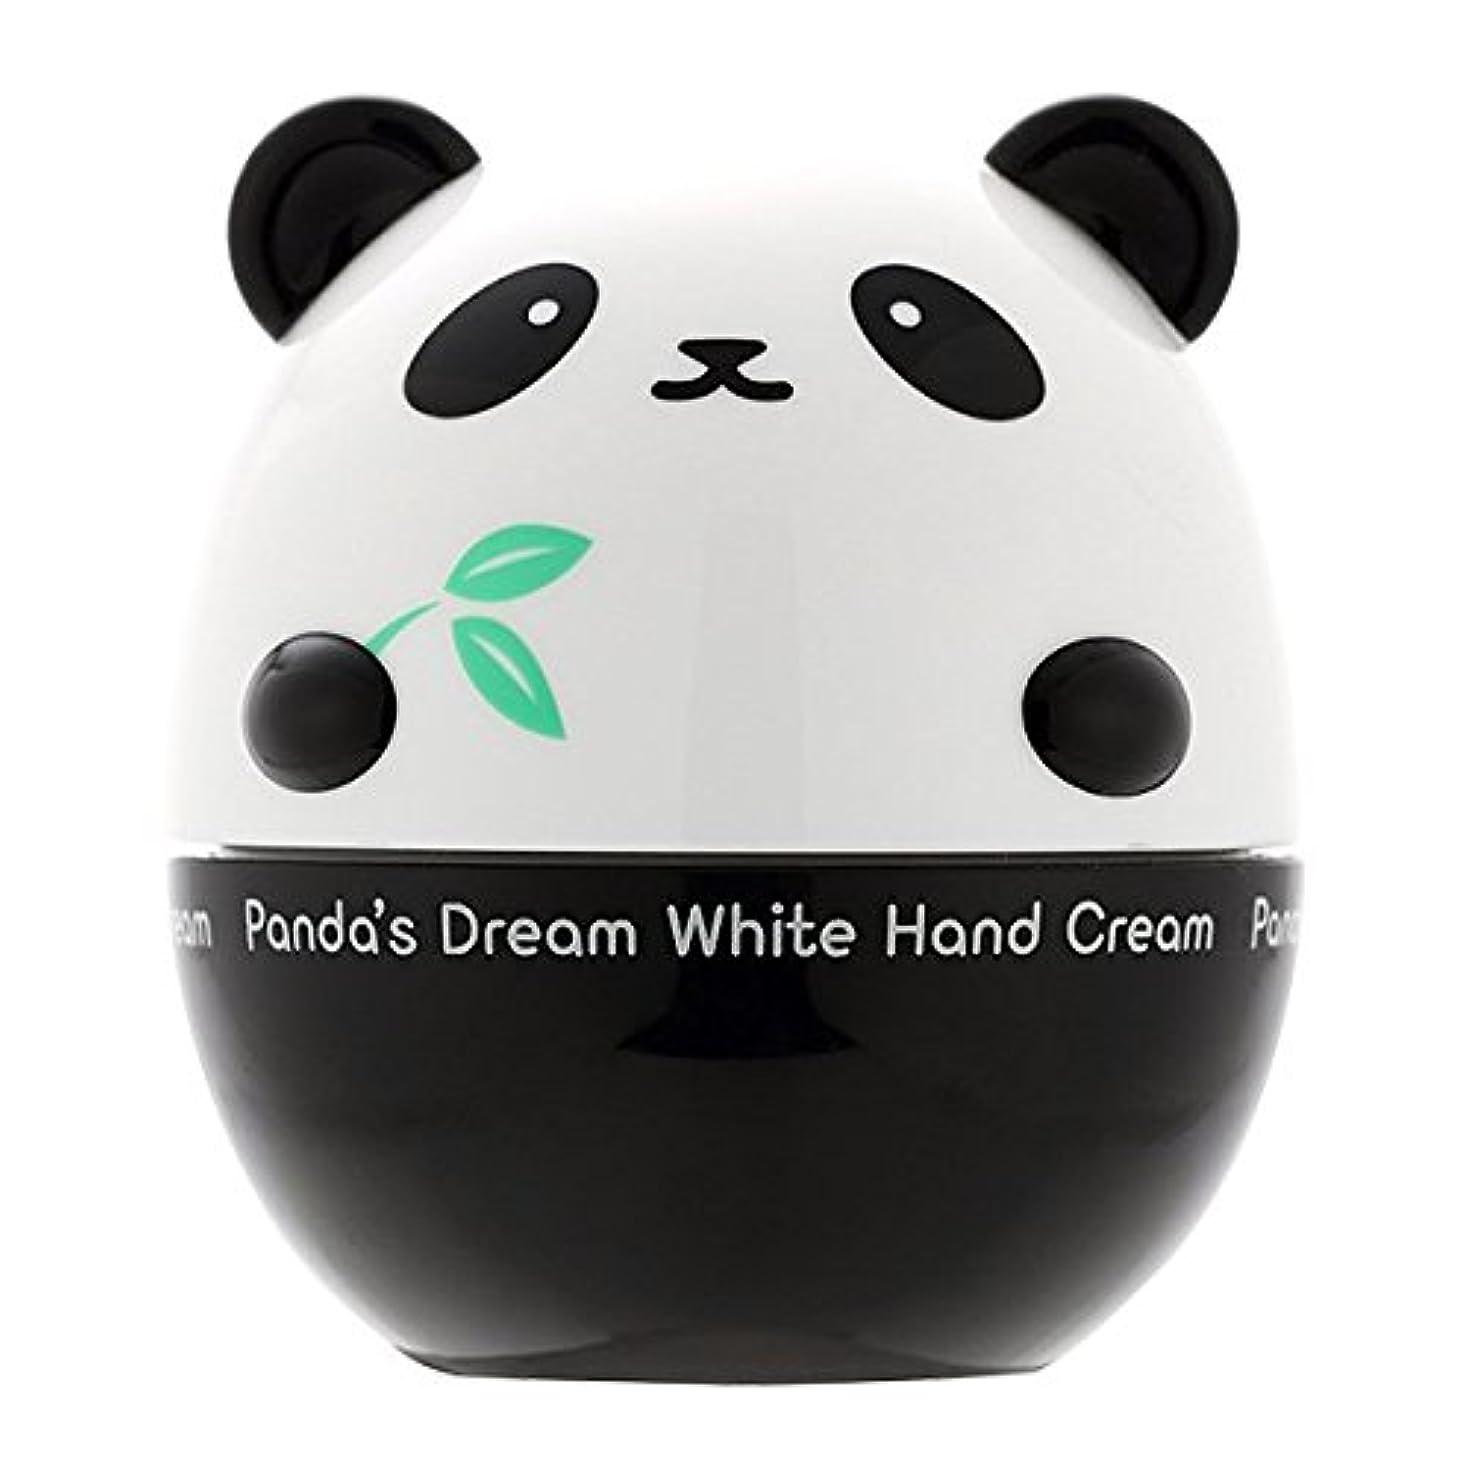 シェード限り信仰TONYMOLY パンダのゆめ ホワイトマジッククリーム 50g Panda's Dream White Magic Cream 照明クリームトニーモリー下地の代わりに美肌クリーム美肌成分含有 【韓国コスメ】トニーモリー